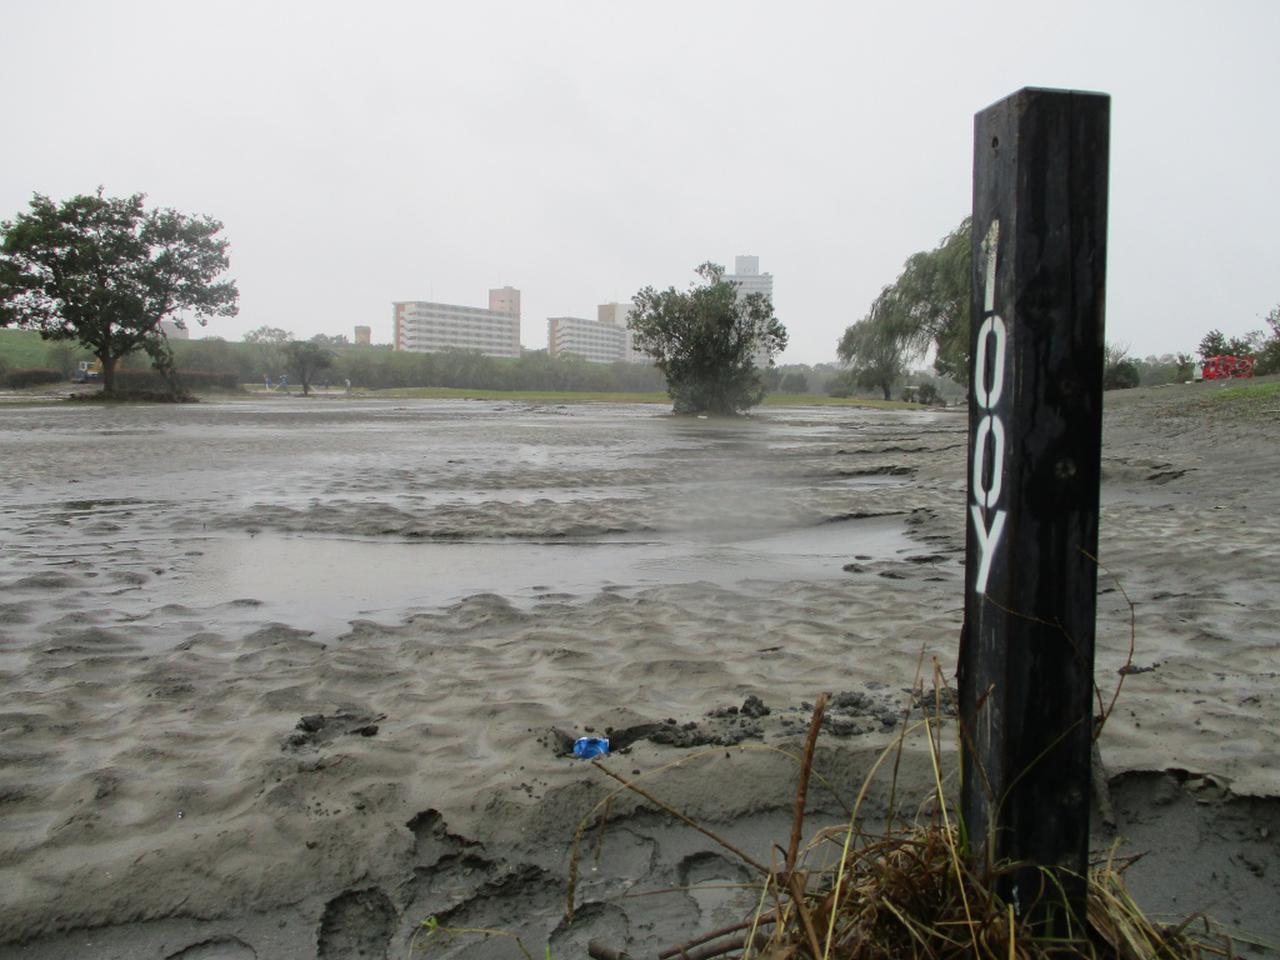 画像: 冠水、そして水が引いた後の赤羽ゴルフ倶楽部には大量の川砂とヘドロが堆積していた